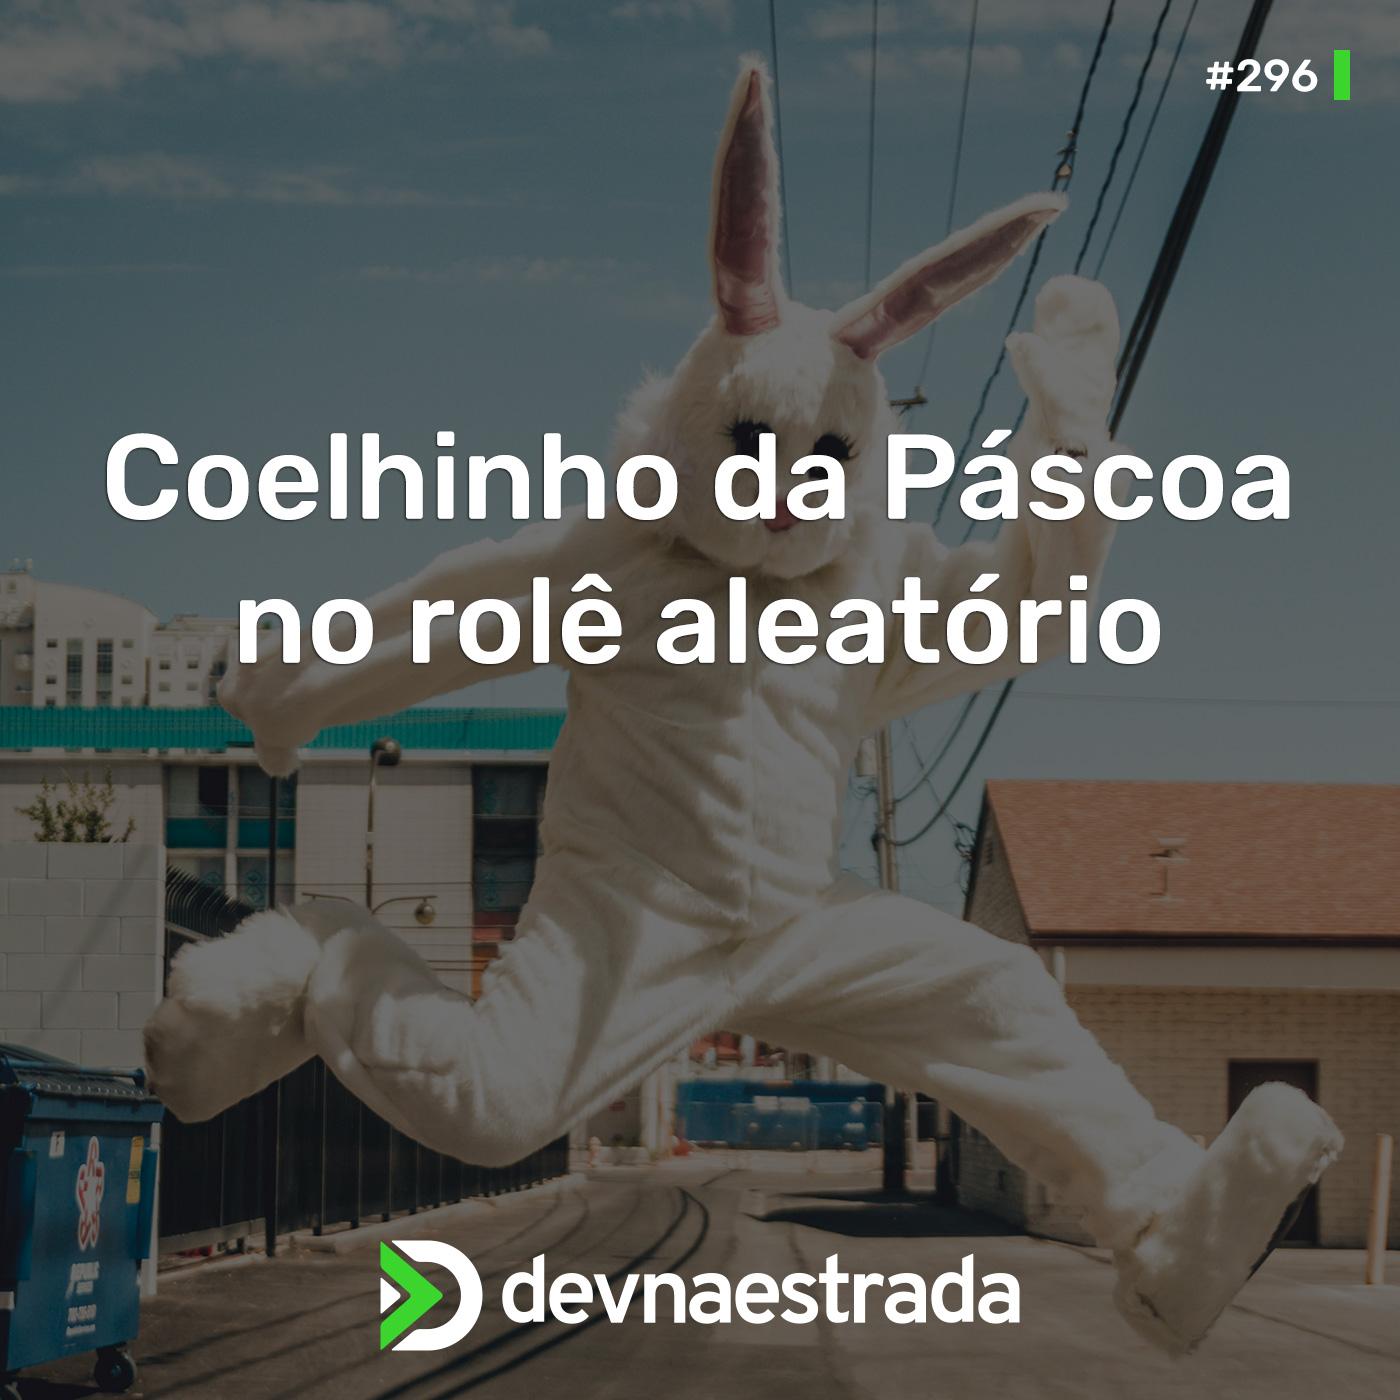 RandomCast #2 - Coelhinho da Páscoa no rolê aleatório